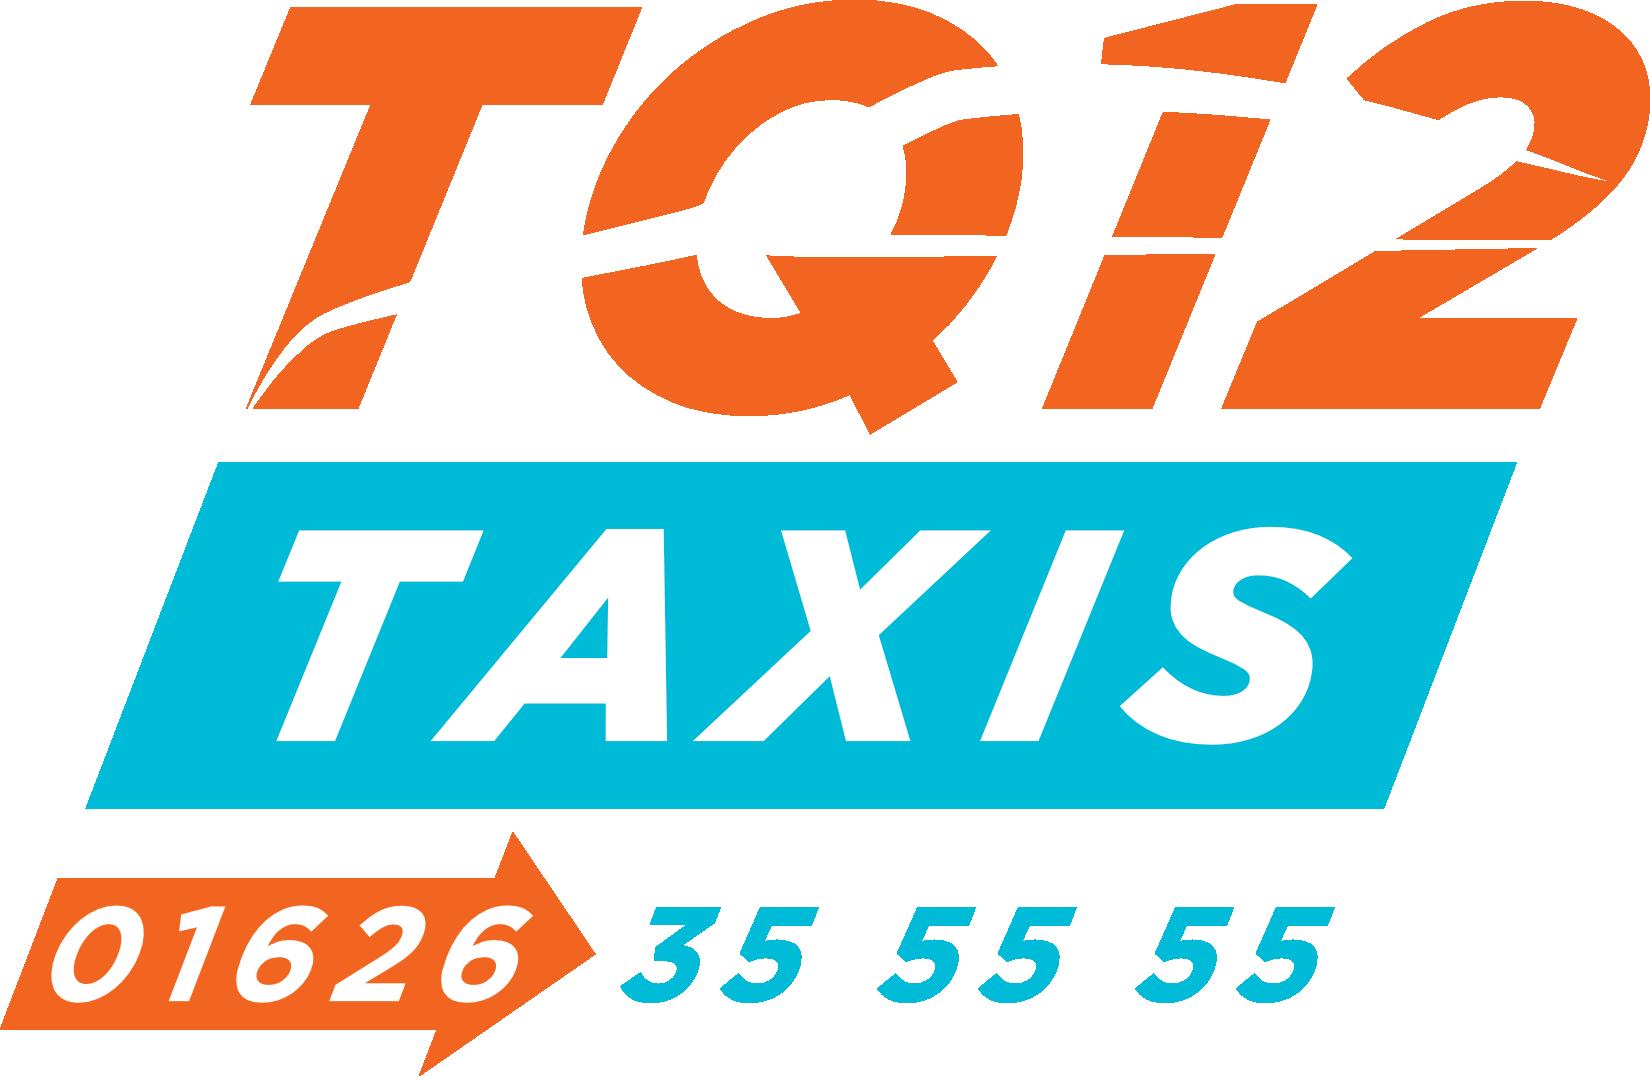 TQ12 Taxis